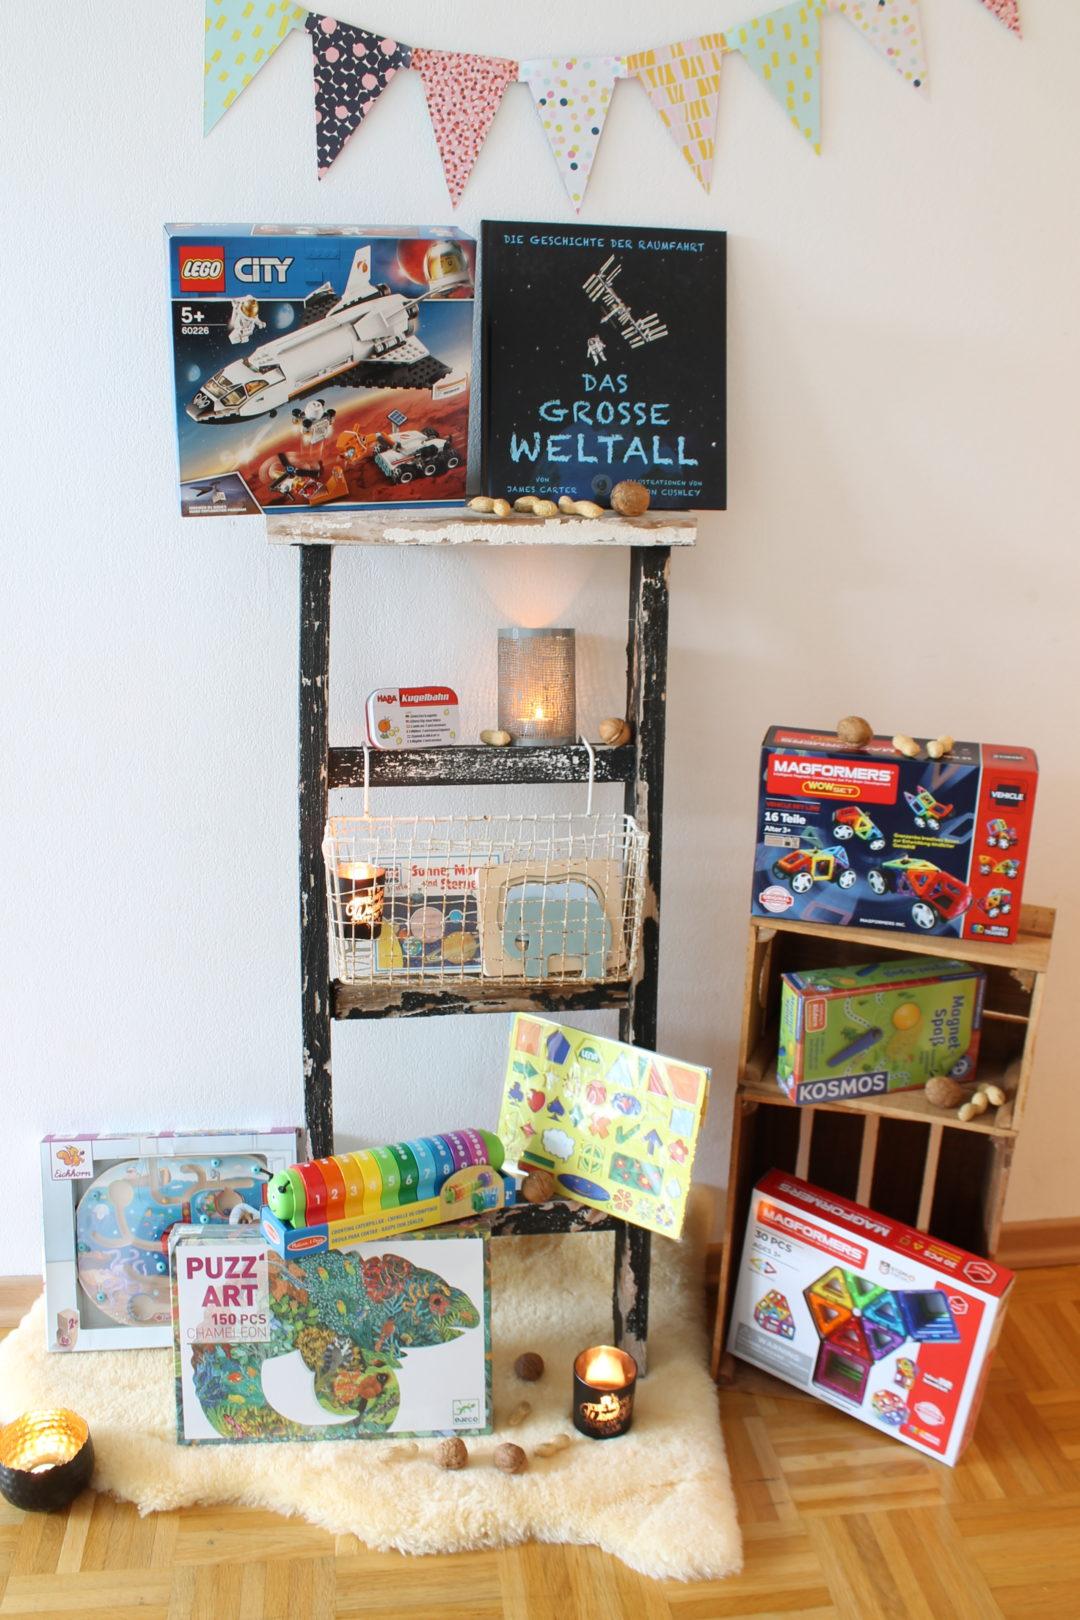 MINT Spielzeug Geschenkideen für Kinder